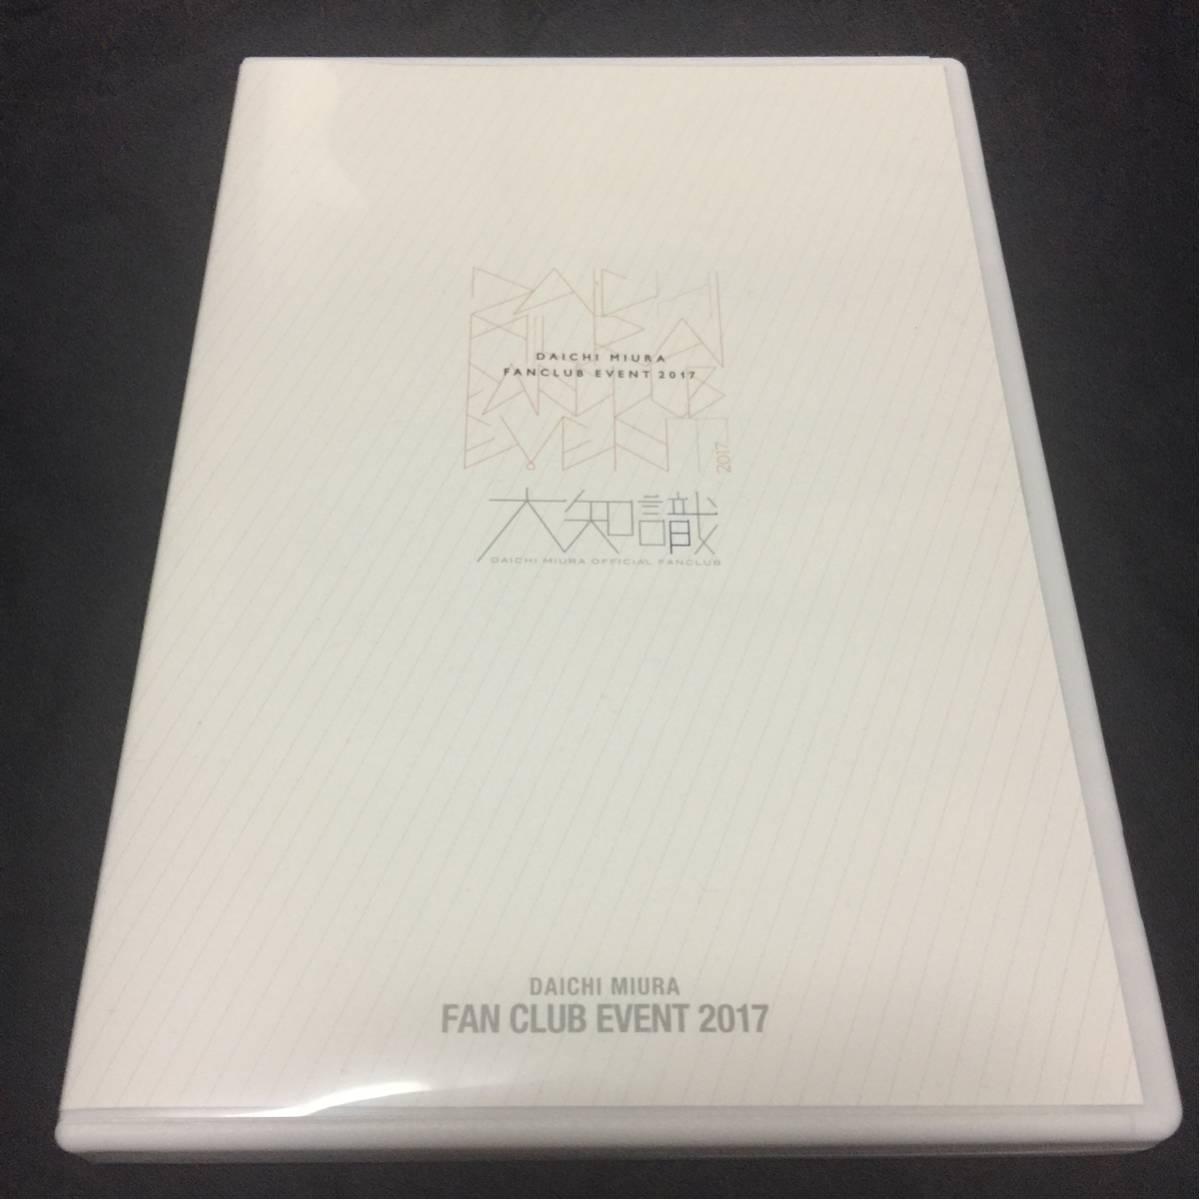 三浦大知☆FAN CLUB EVENT 2017☆DVD☆大知識限定☆美品 ライブグッズの画像